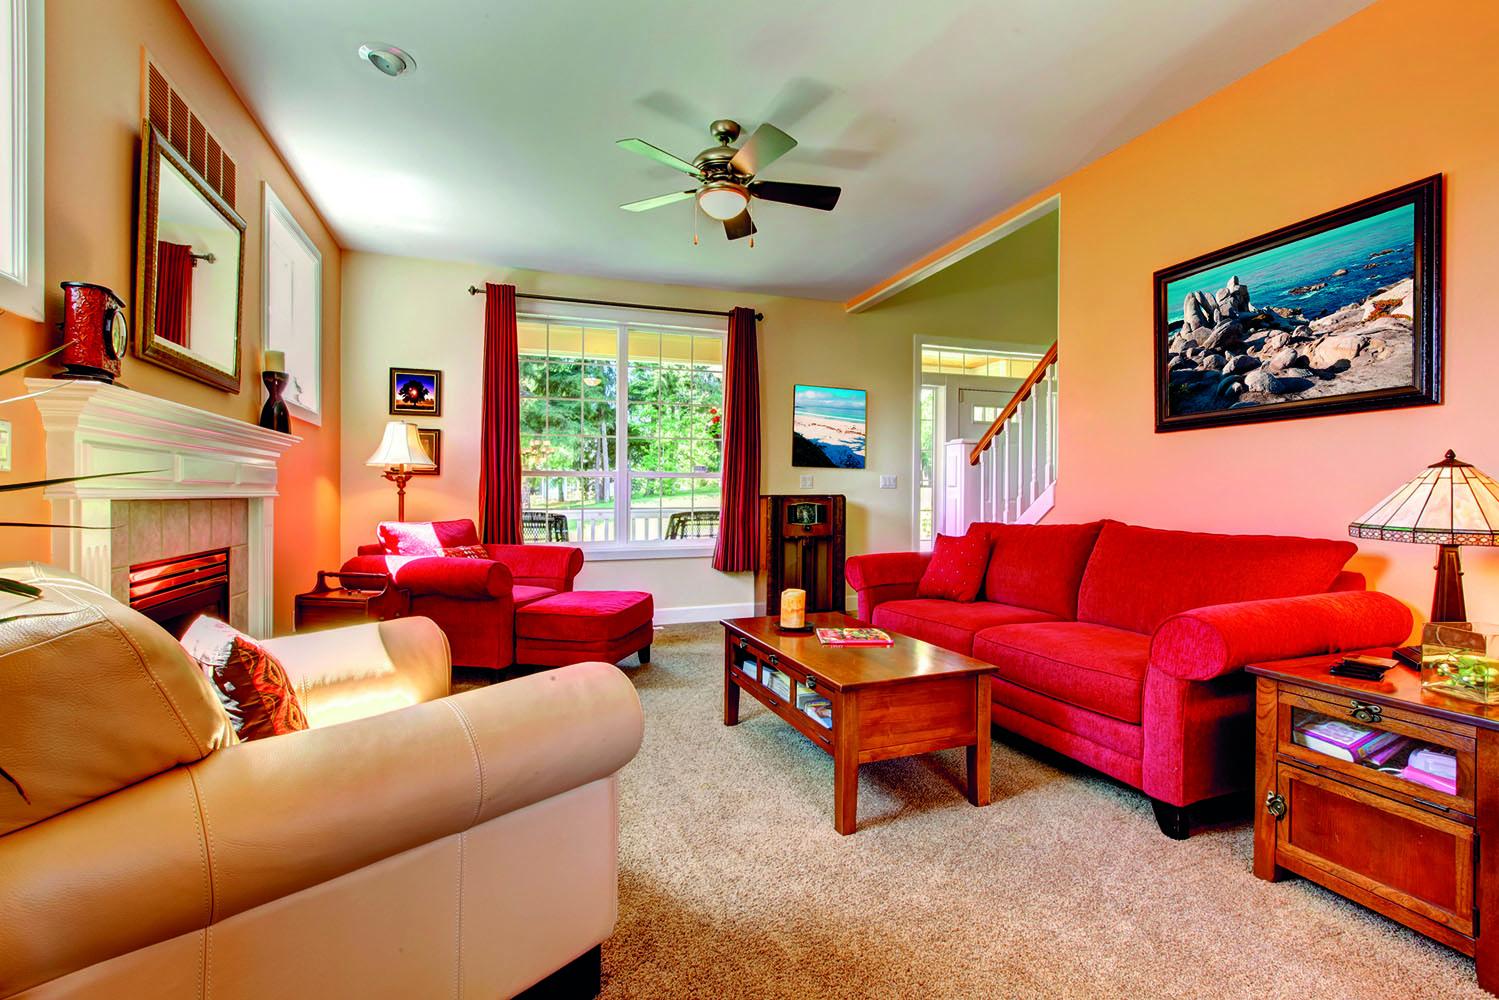 Kis Una casa a tutto colore! | gallery 6